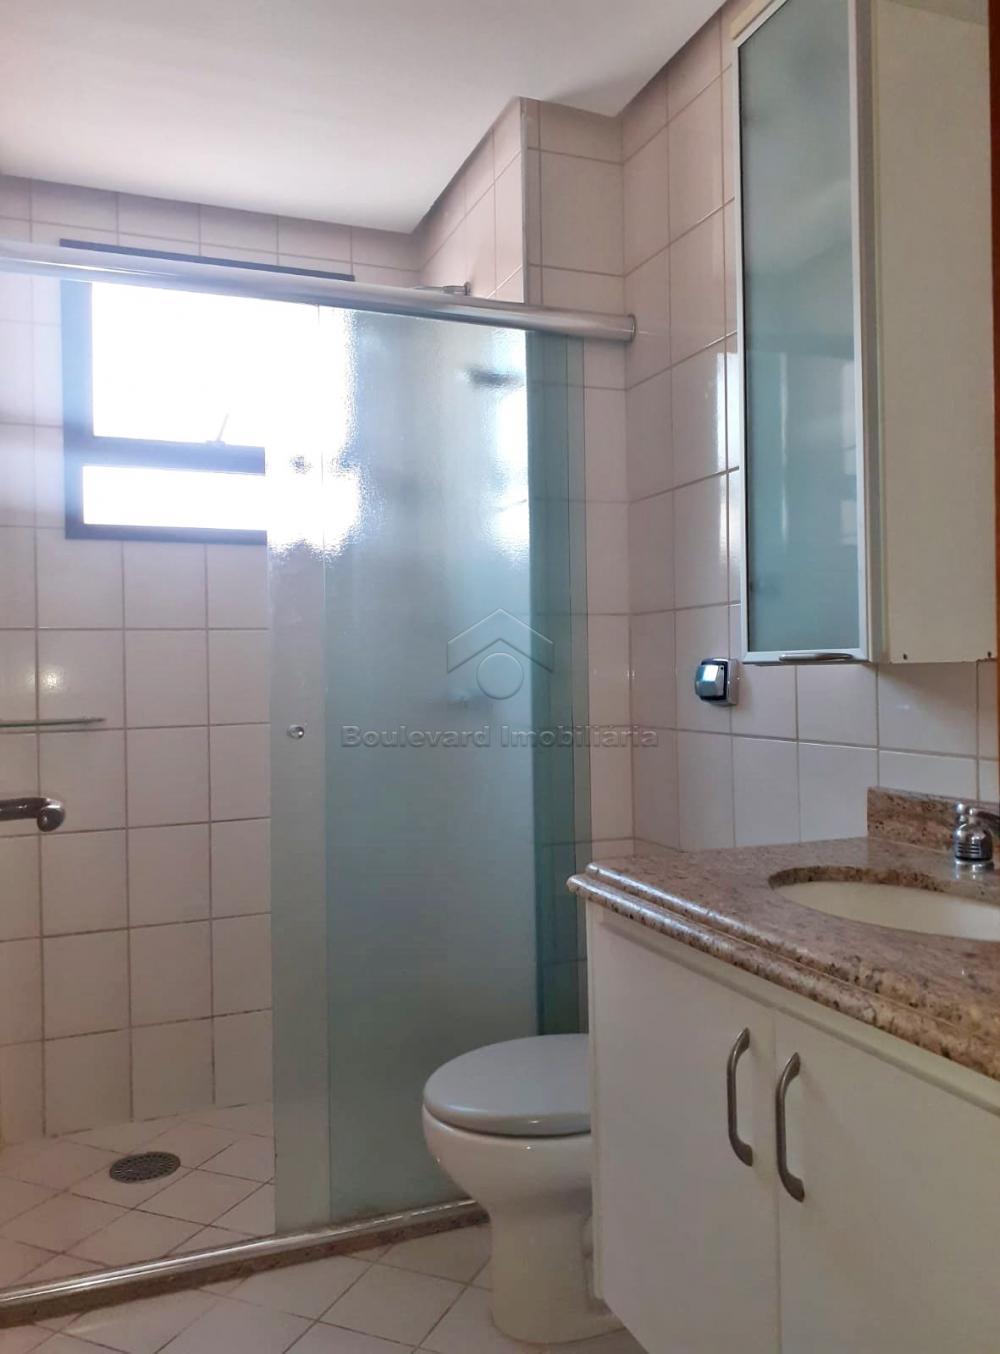 Alugar Apartamento / Padrão em Ribeirão Preto R$ 2.600,00 - Foto 14